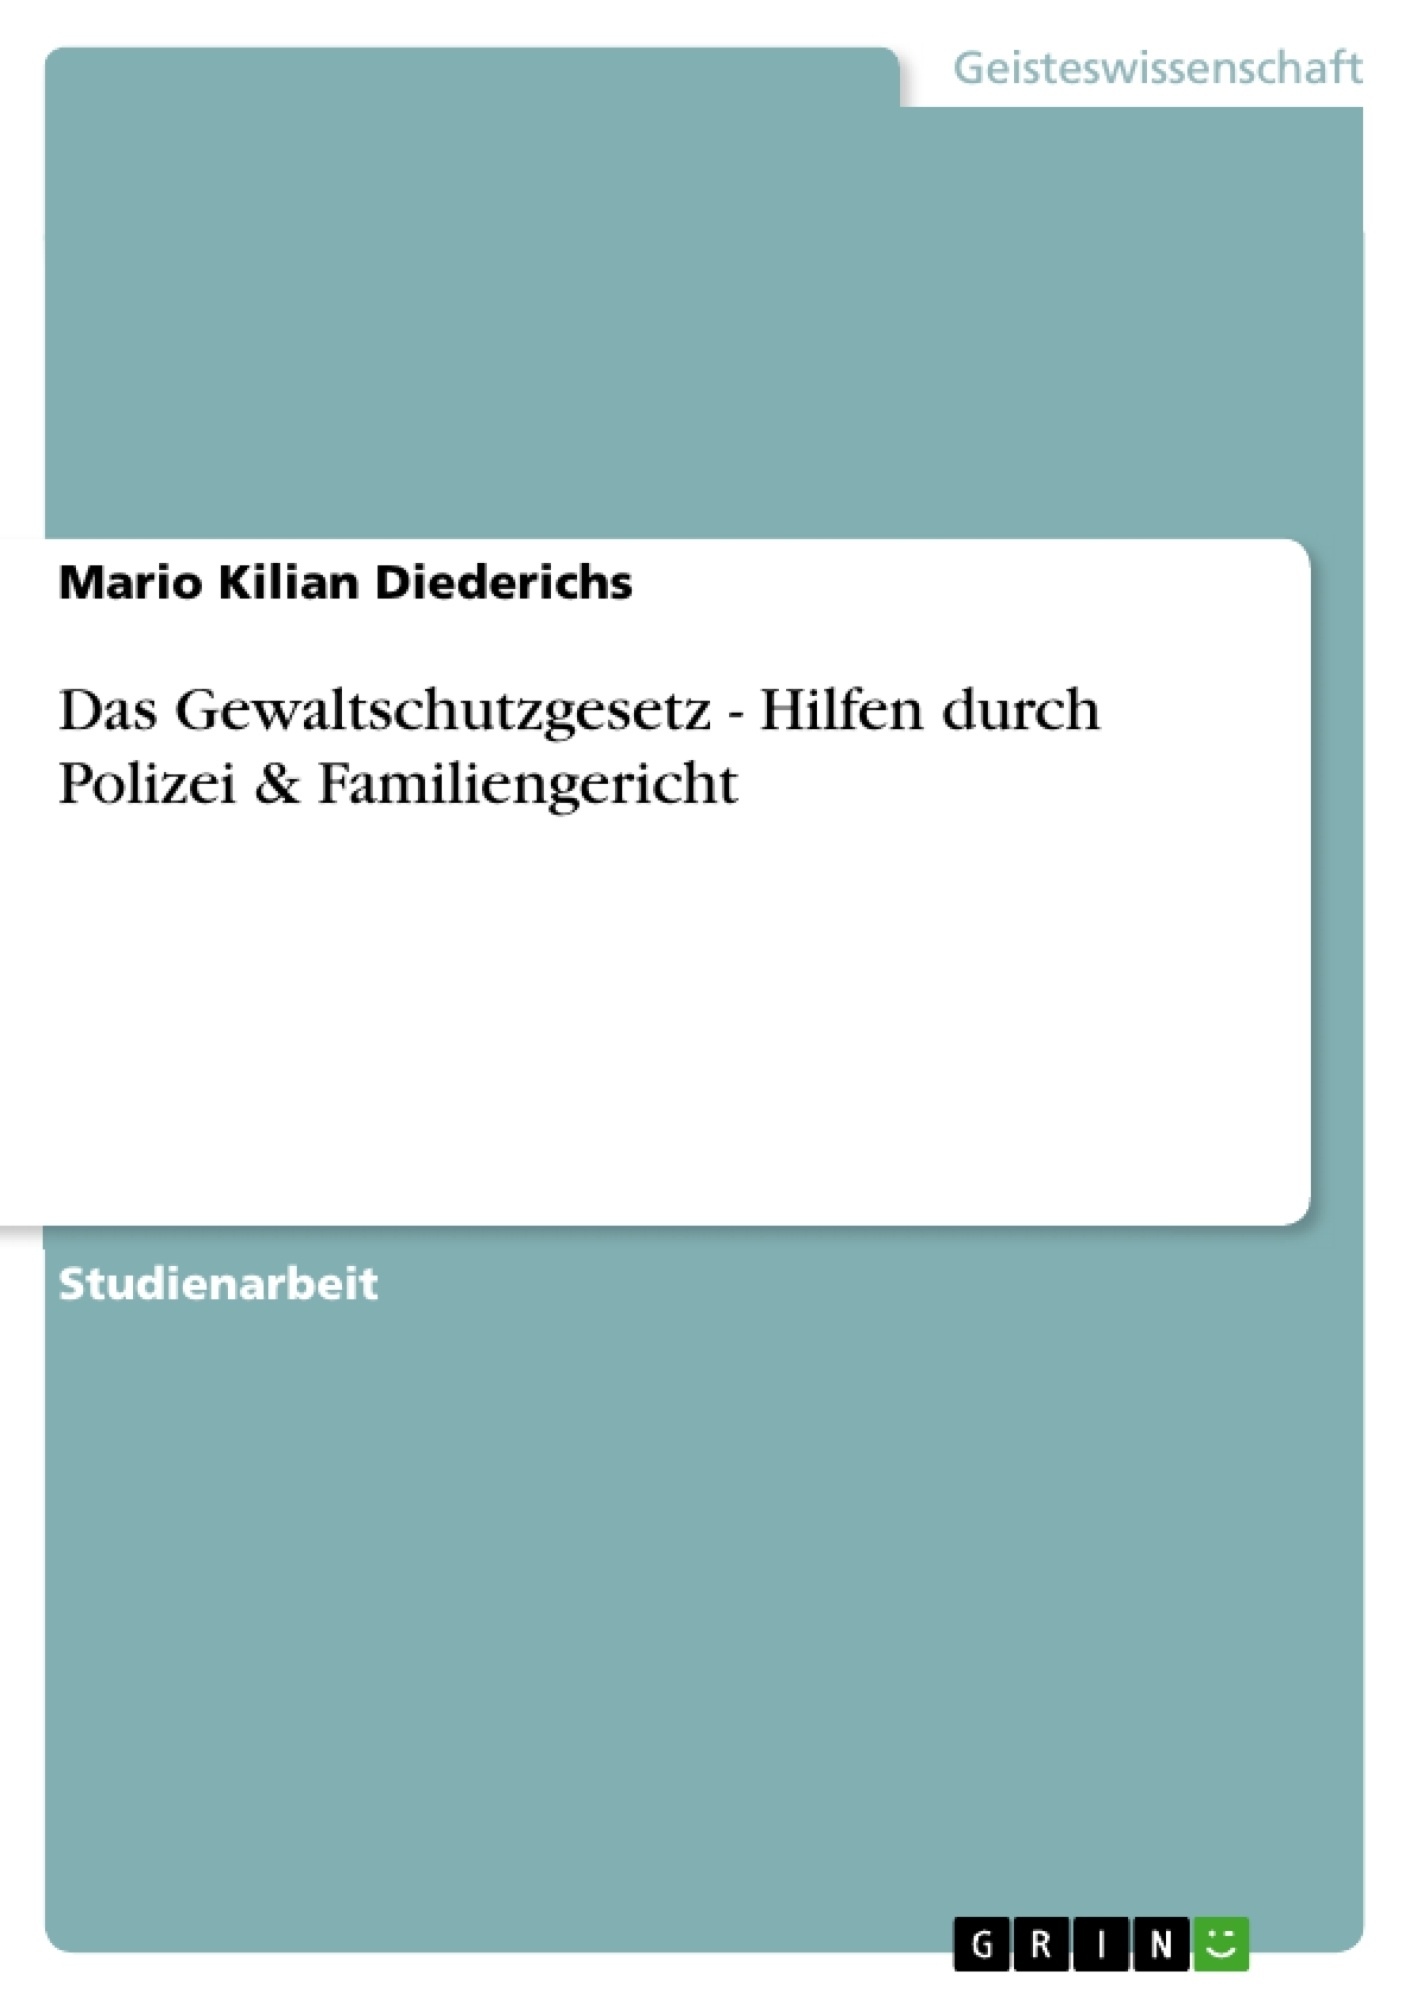 Titre: Das Gewaltschutzgesetz - Hilfen durch Polizei & Familiengericht